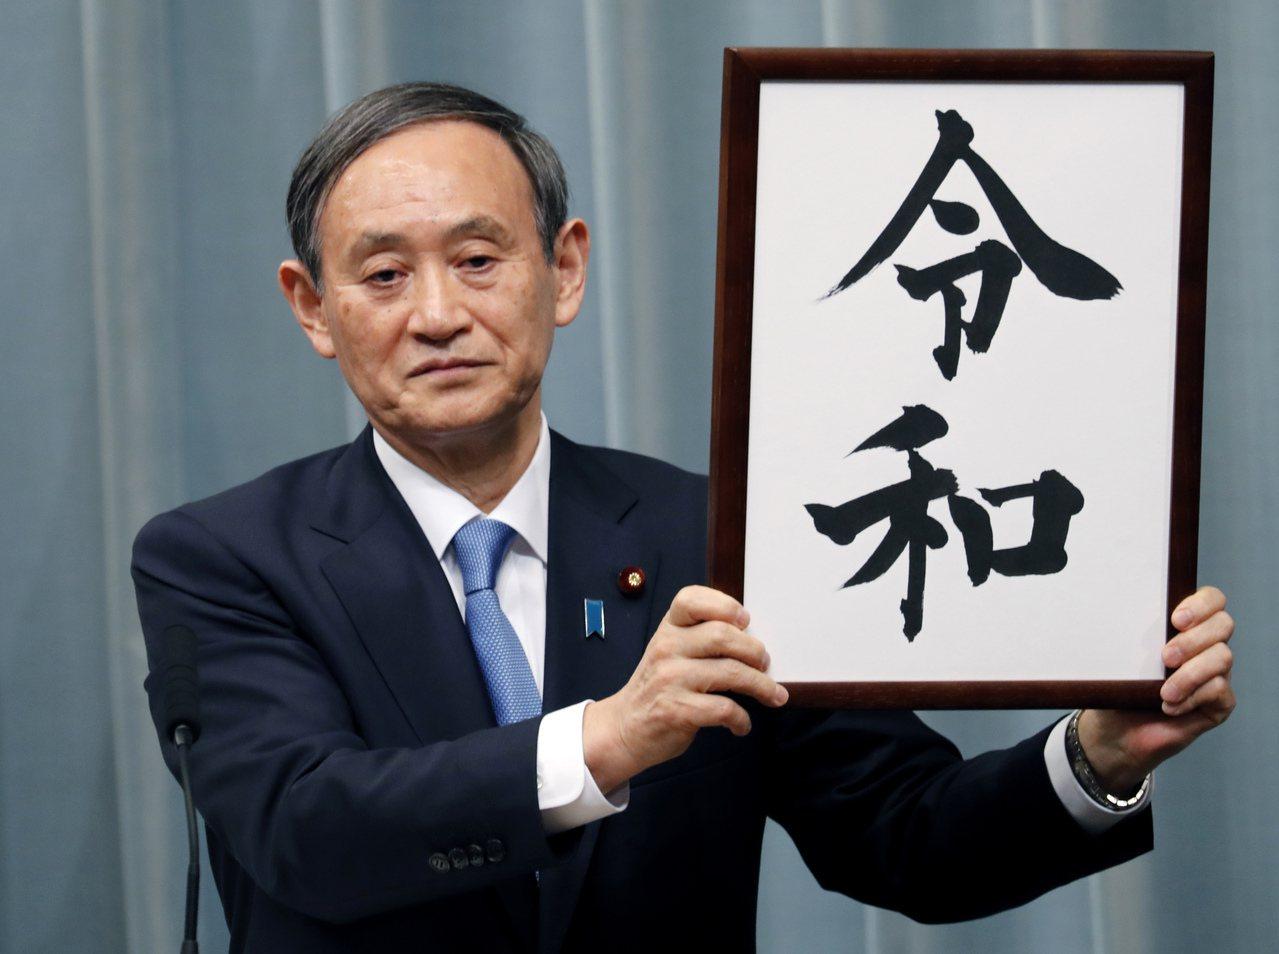 日本自5月1日開始使用新年號「令和」。(美聯社)